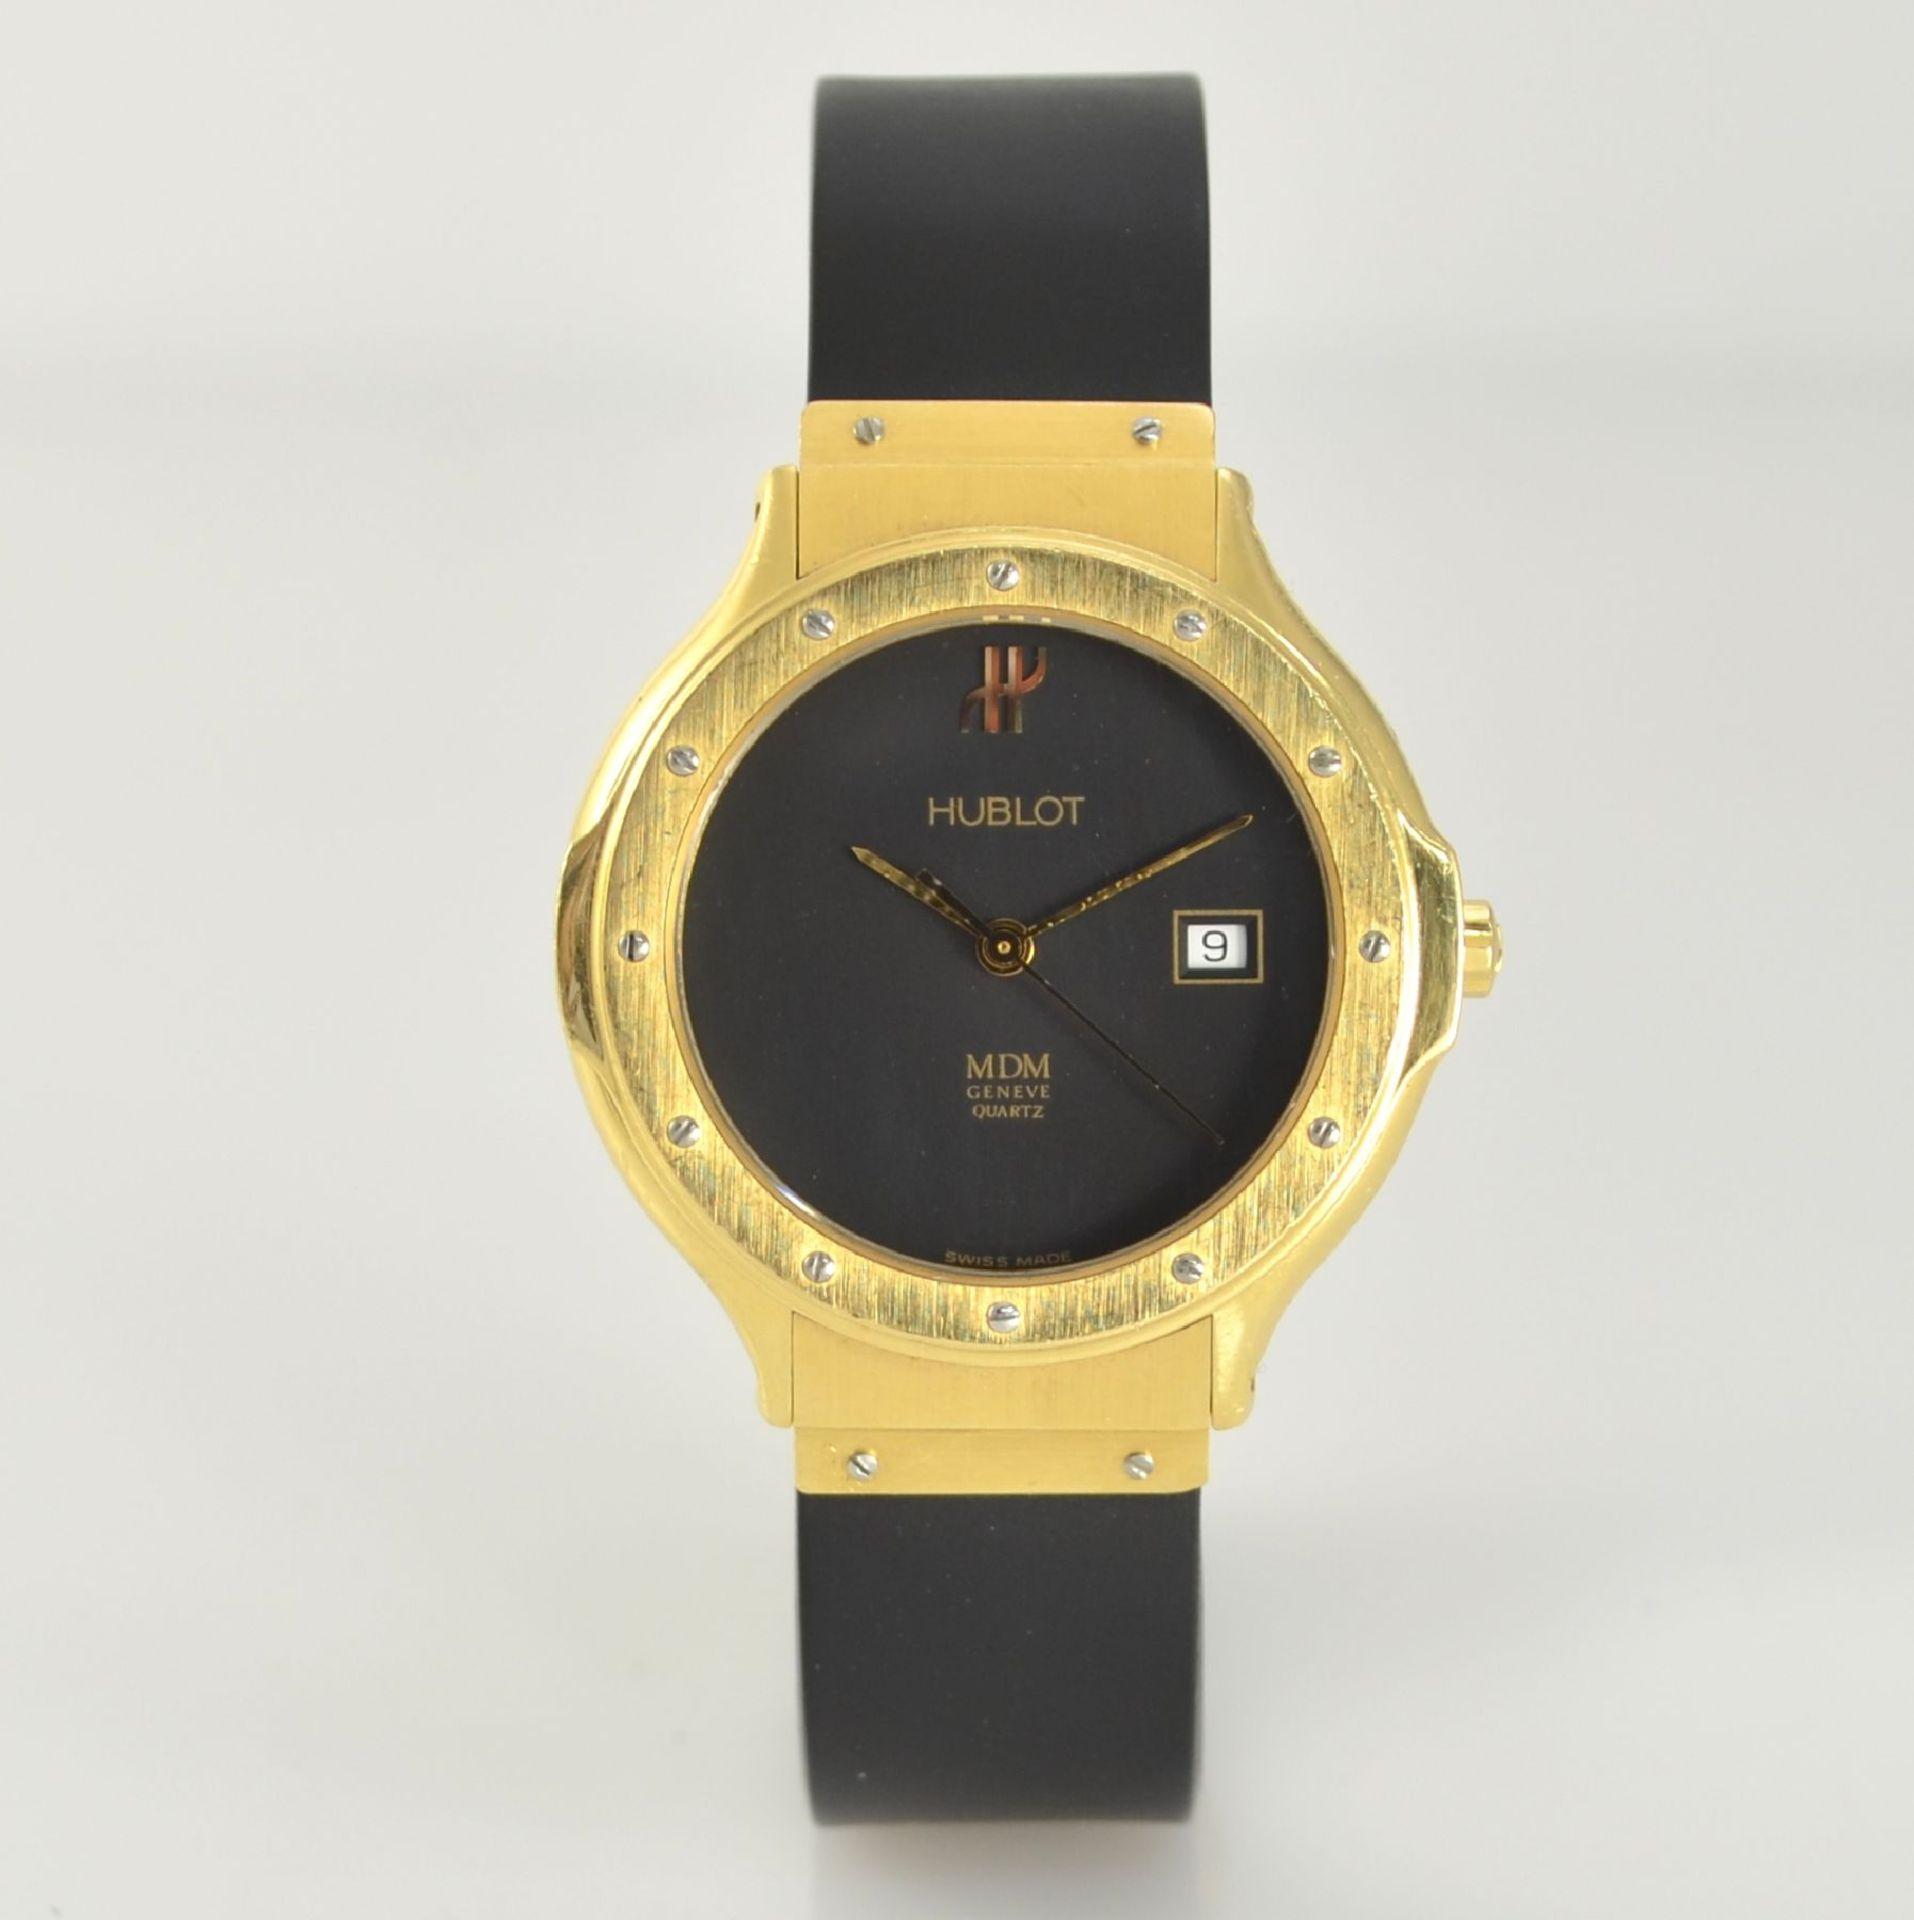 HUBLOT MDM Armbanduhr in GG 750/000, Schweiz um 1995, quarz, Ref. 140.10.3, massives Goldgeh., Boden - Bild 3 aus 7